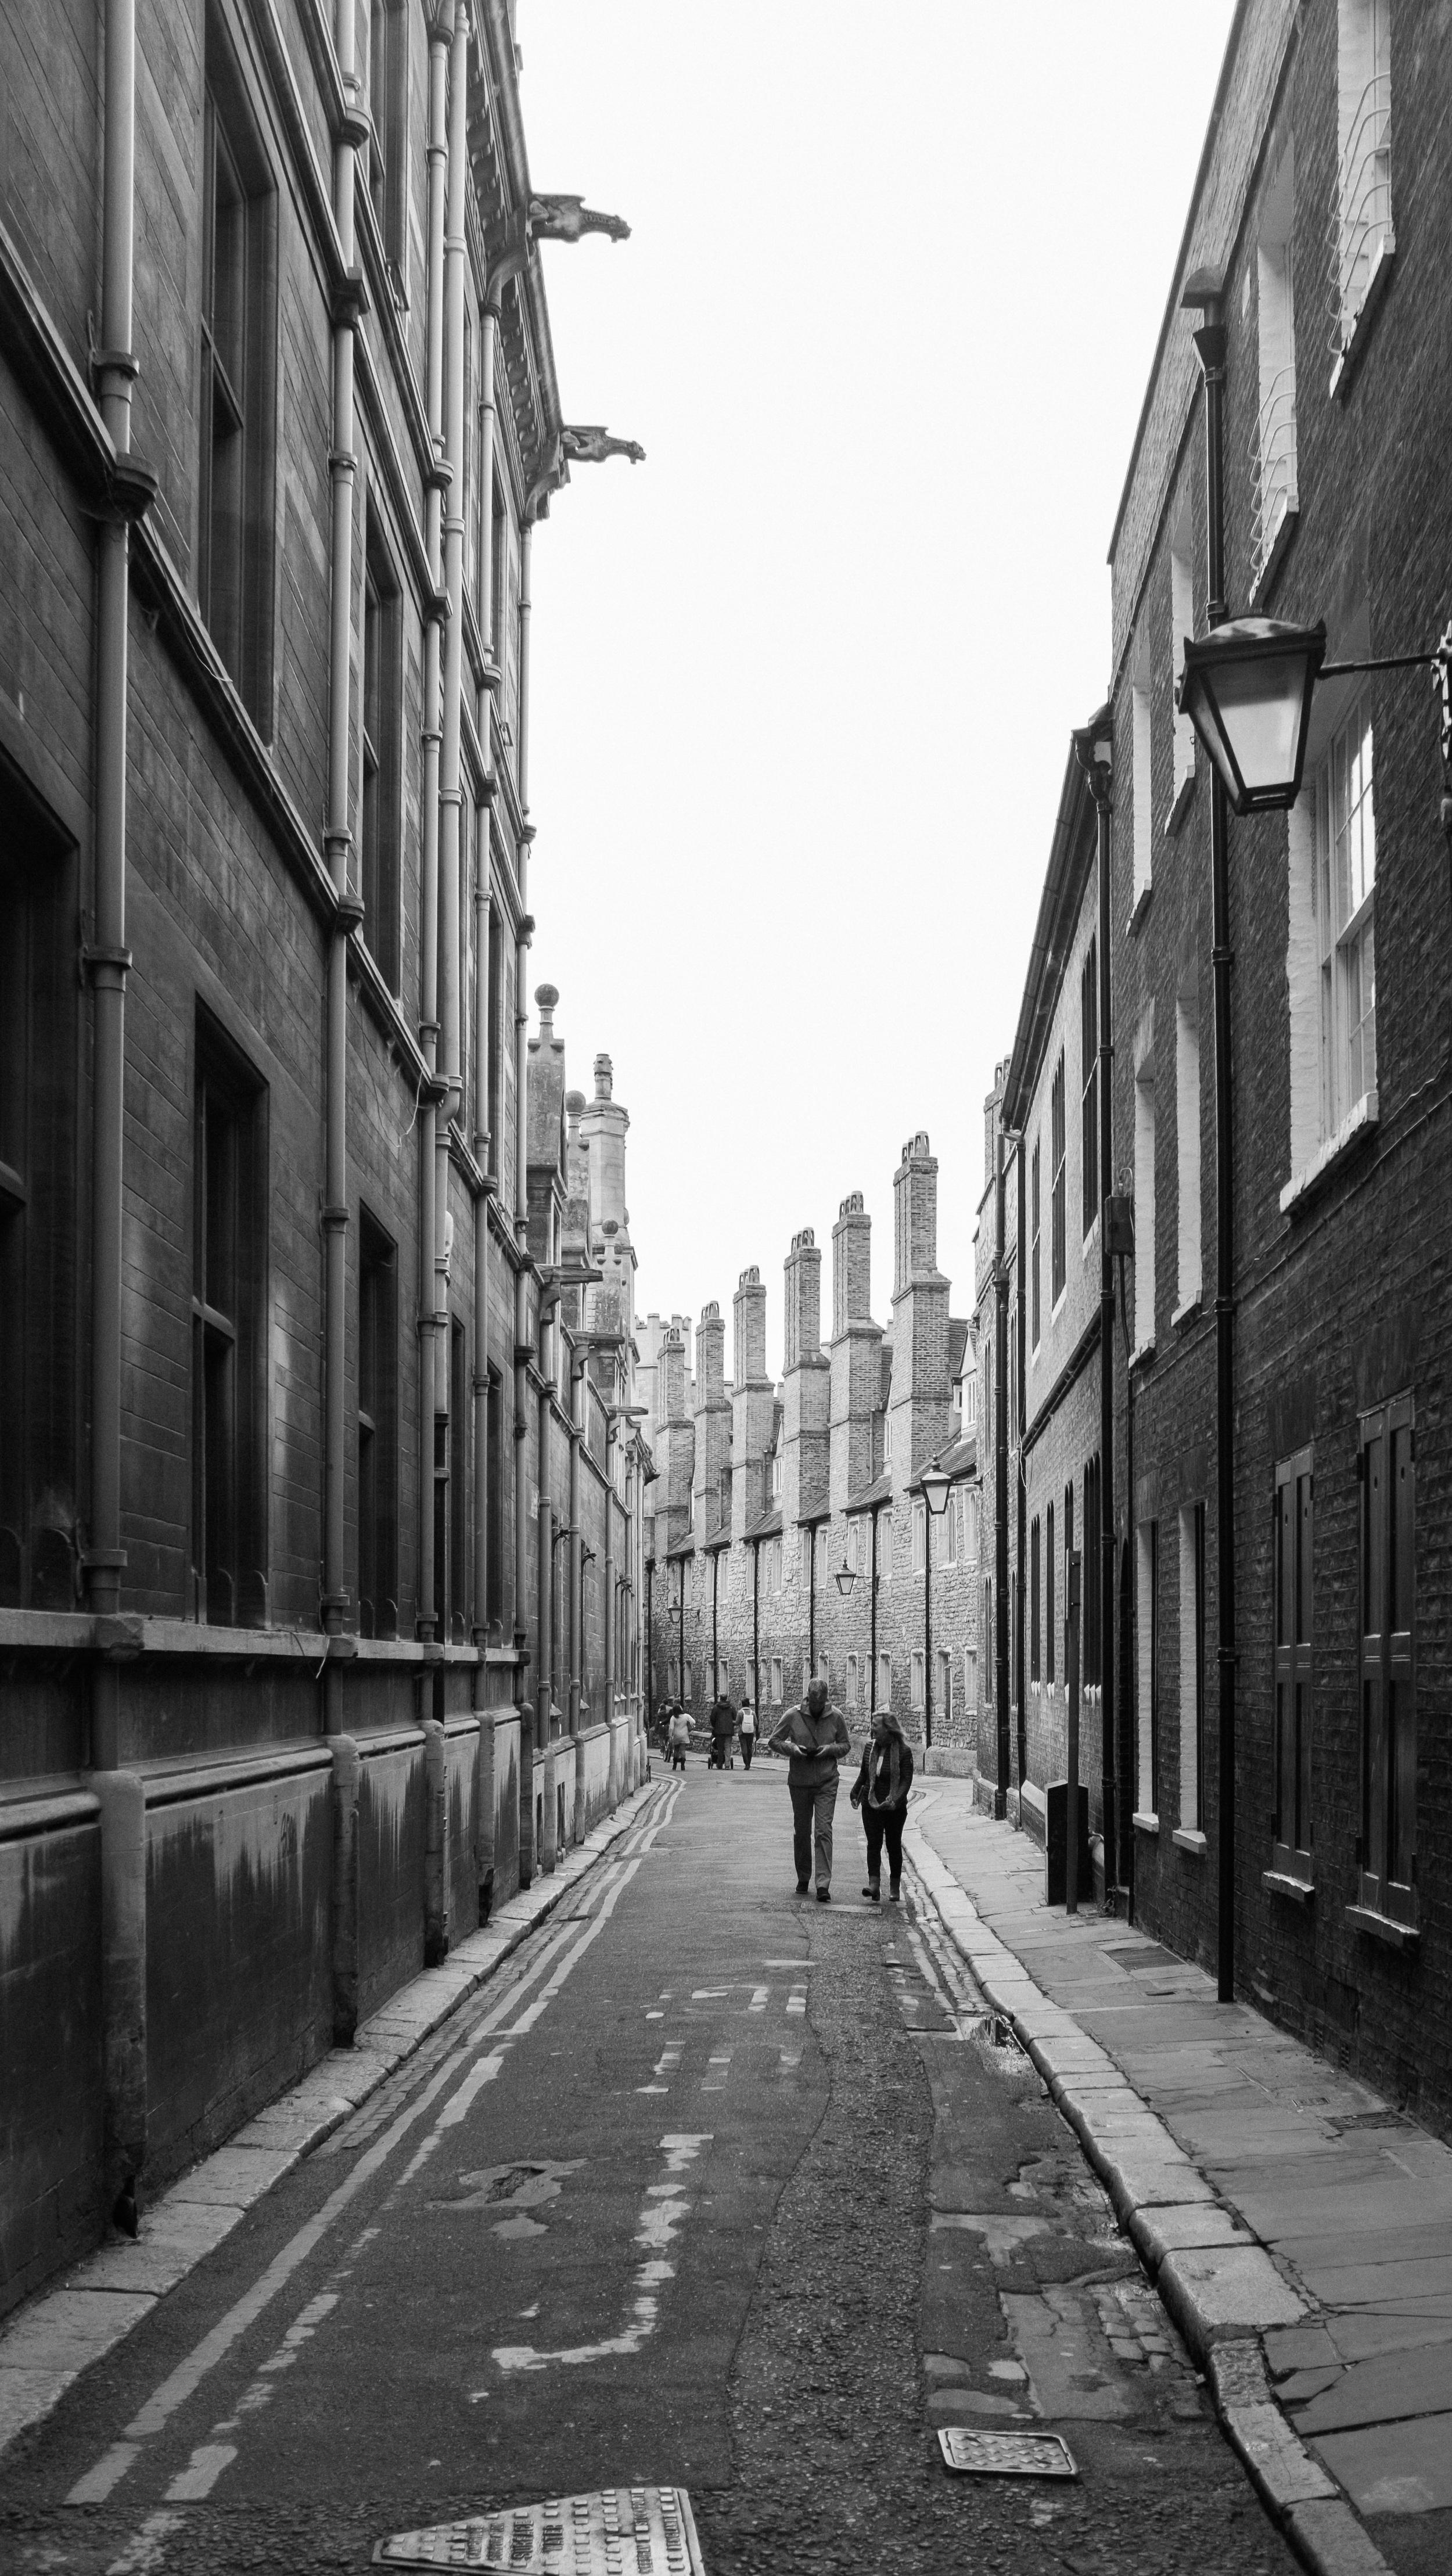 london-britian-cambridge-stmalo-mont-saint-michel-france-normandy-paris-008.jpg